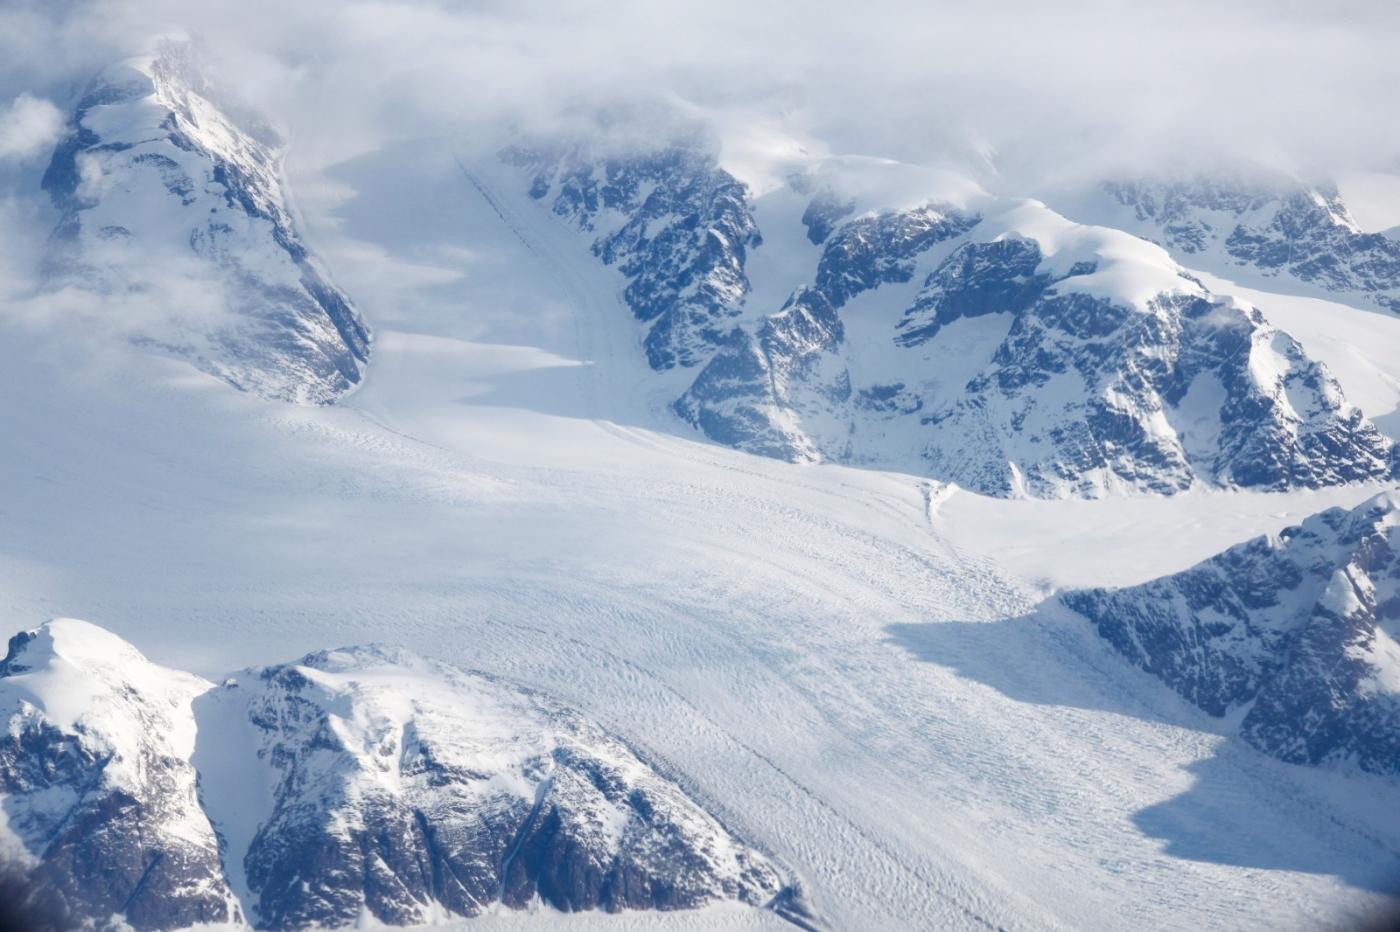 从纽约乘wow班机赴冰岛旅游,从班机的窗口看到:白云翻滚,赏心悦目,堪比黄山之云海 ..._图1-3